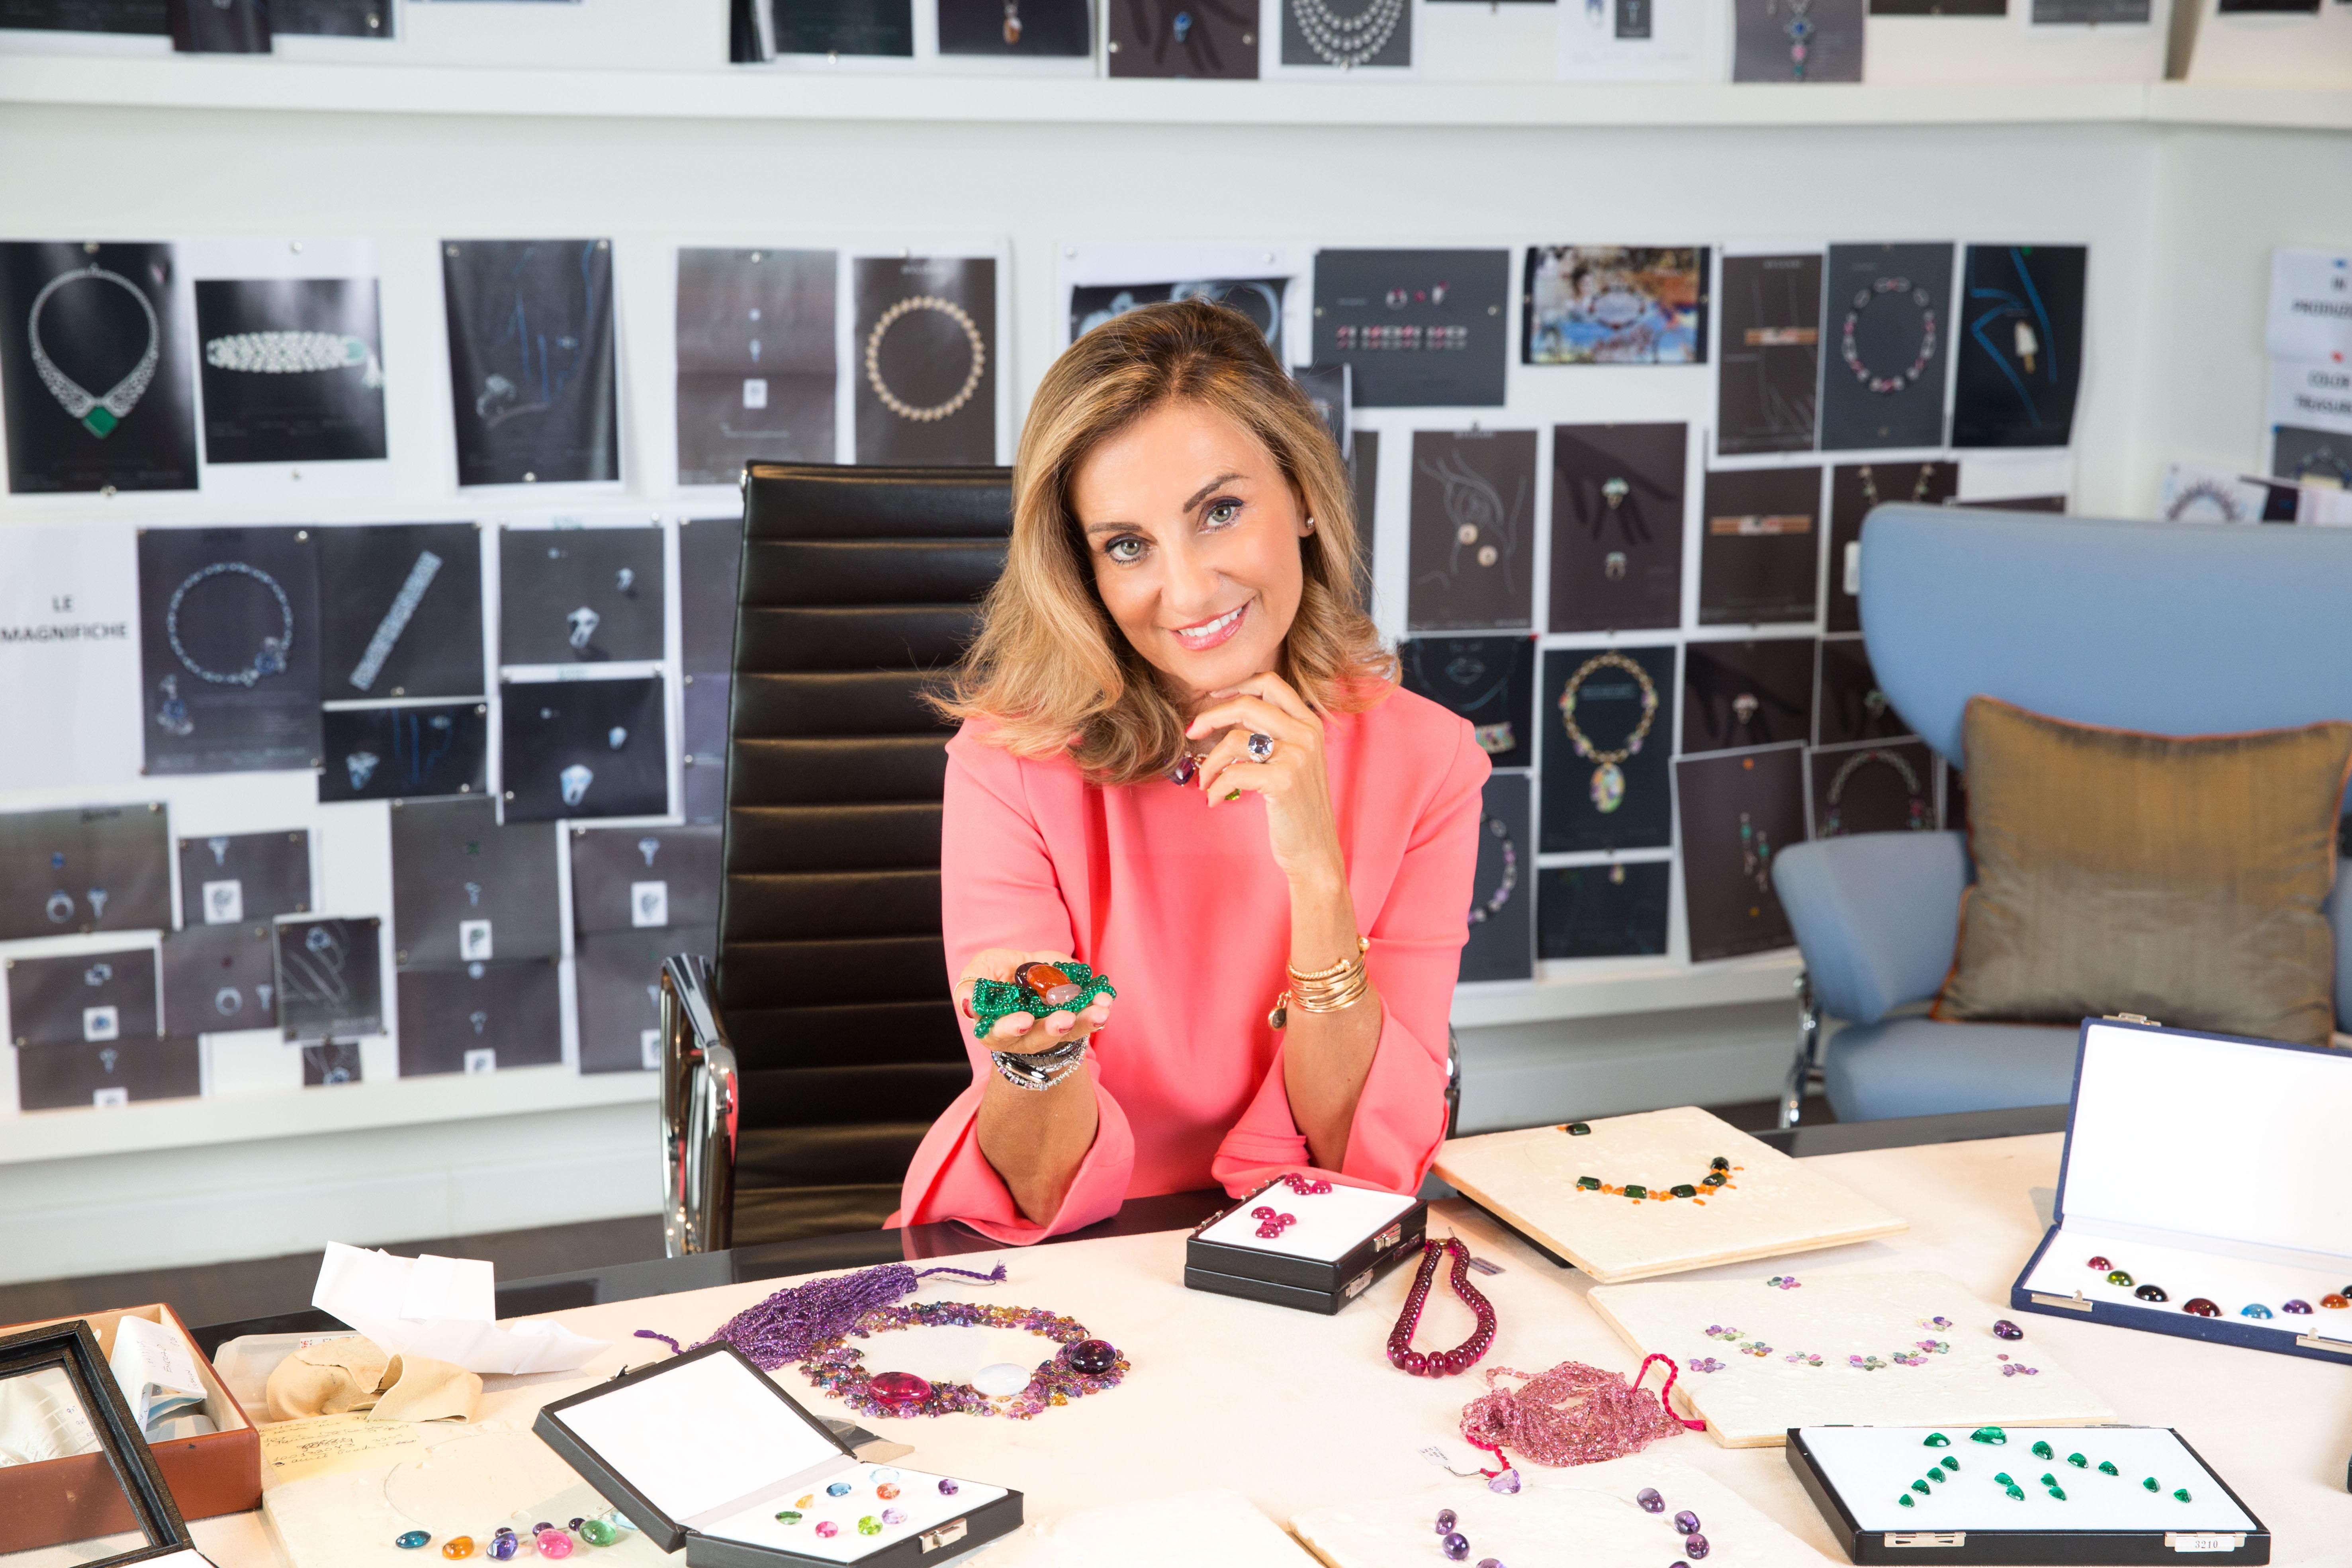 品牌創意總監Lucia Silvestri因到訪Andy Warhol而深受啟發,回想起璀璨的八十年代猶如閃耀的寶石,她的Wild Pop珠寶系列,則以八十年代及Andy Warhol作為主題,創意及設計先行。